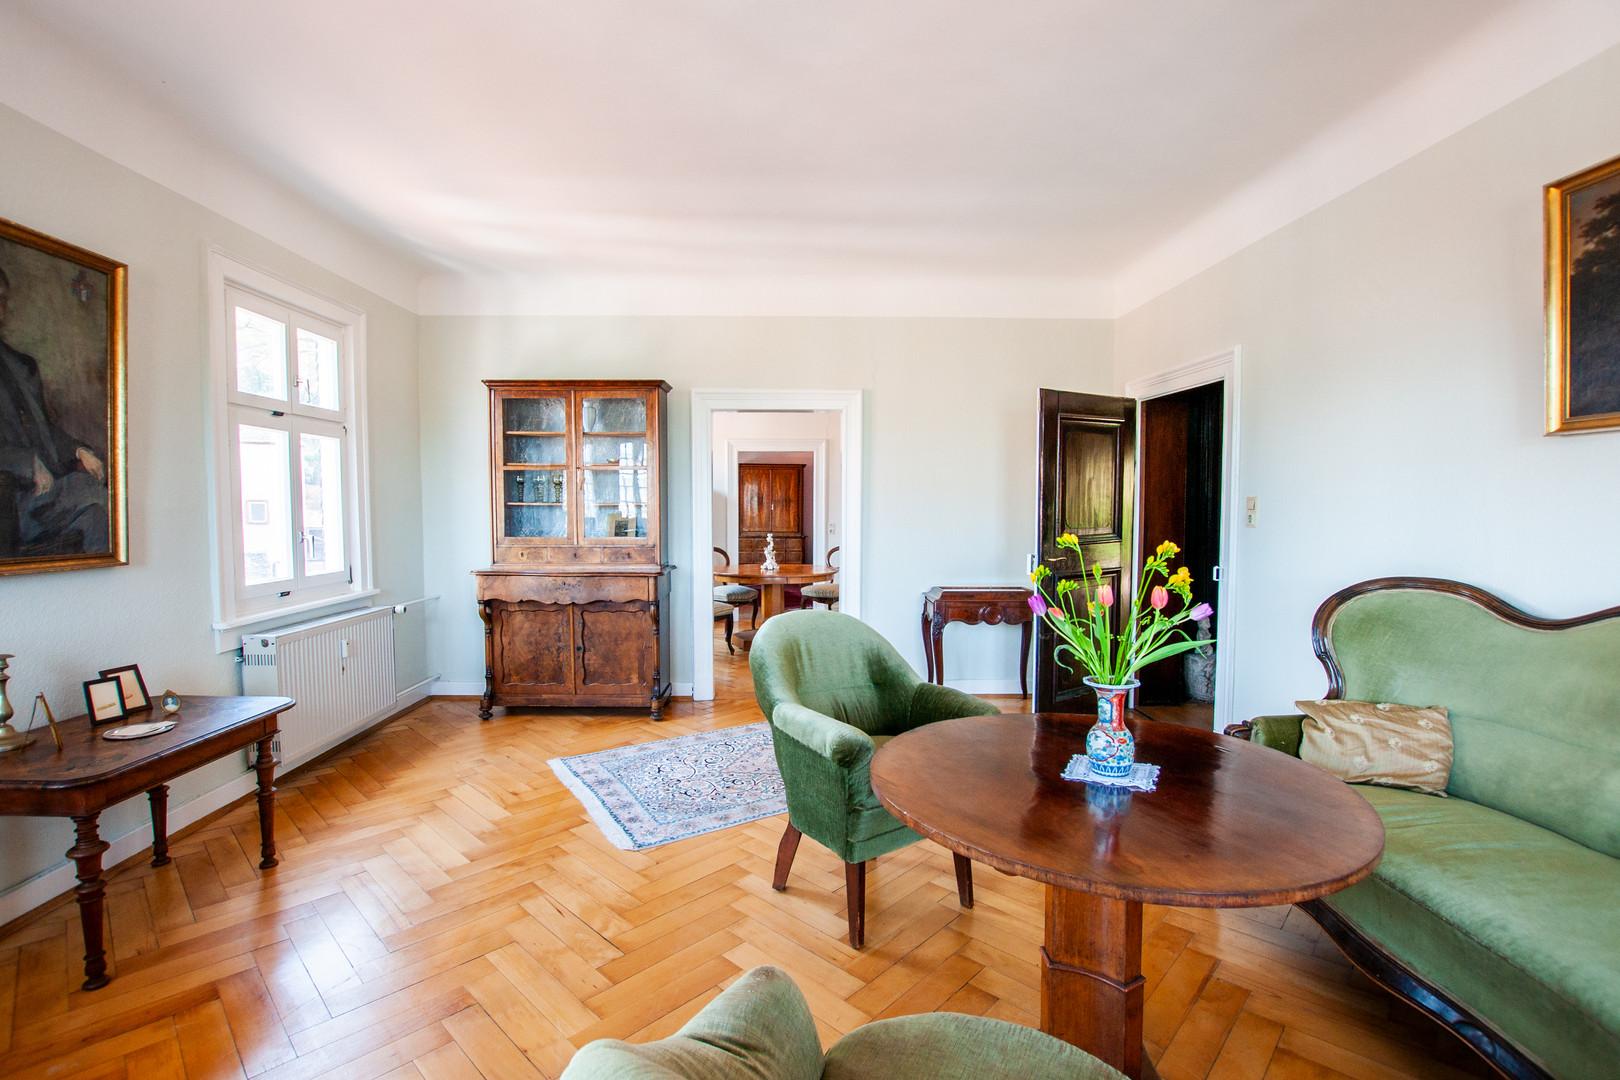 Wohnbereich im Biedermeier Stil